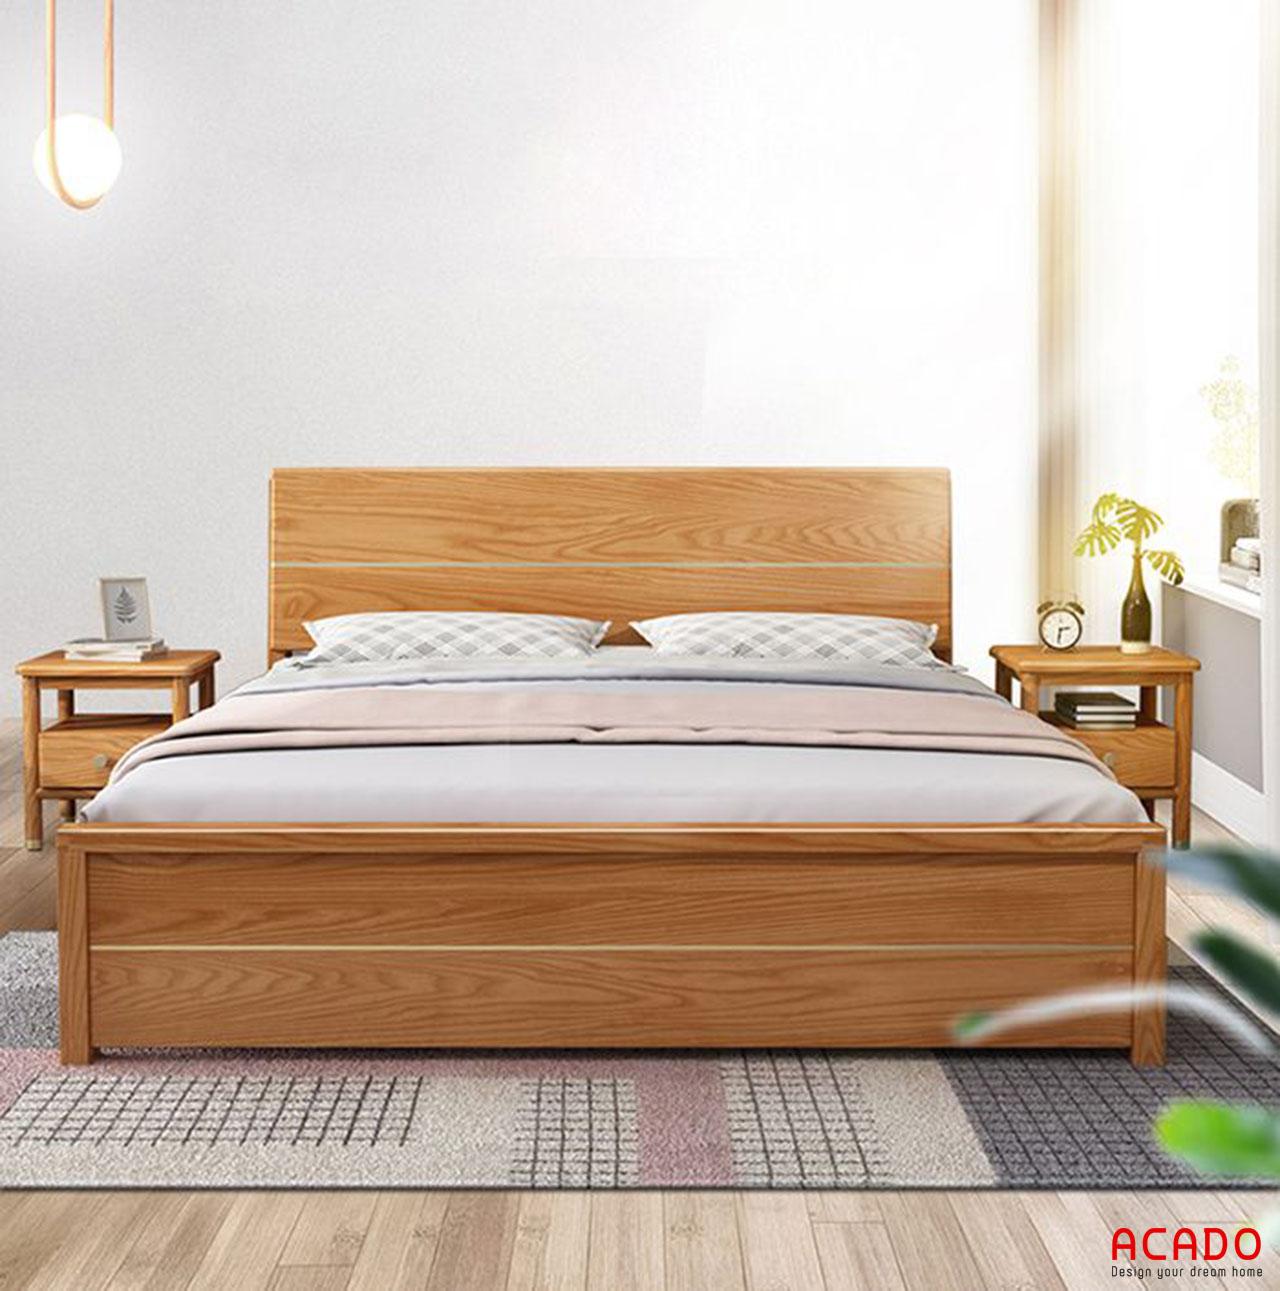 Giường gỗ tự nhiên hiện đại, giá rẻ - nội thất Acado